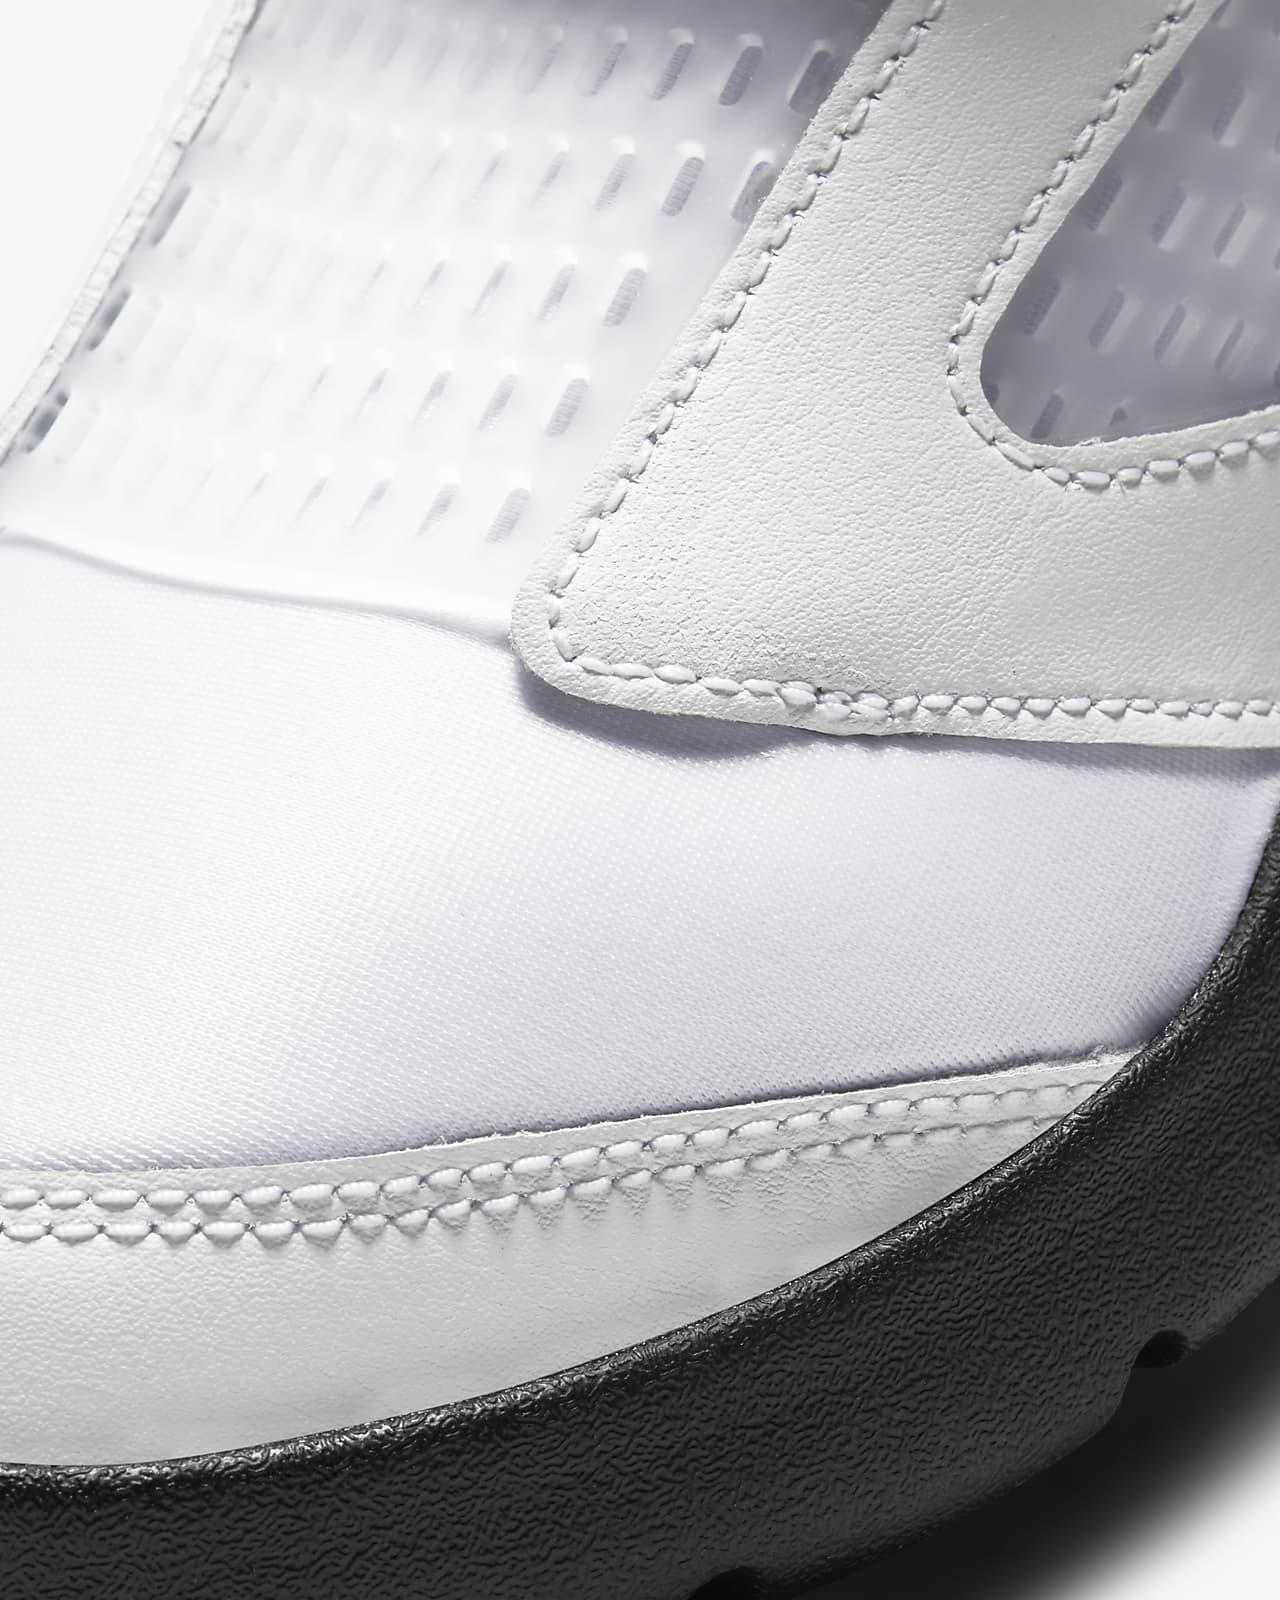 Jordan 5 Retro Little Flex sko til små barn. Nike NO